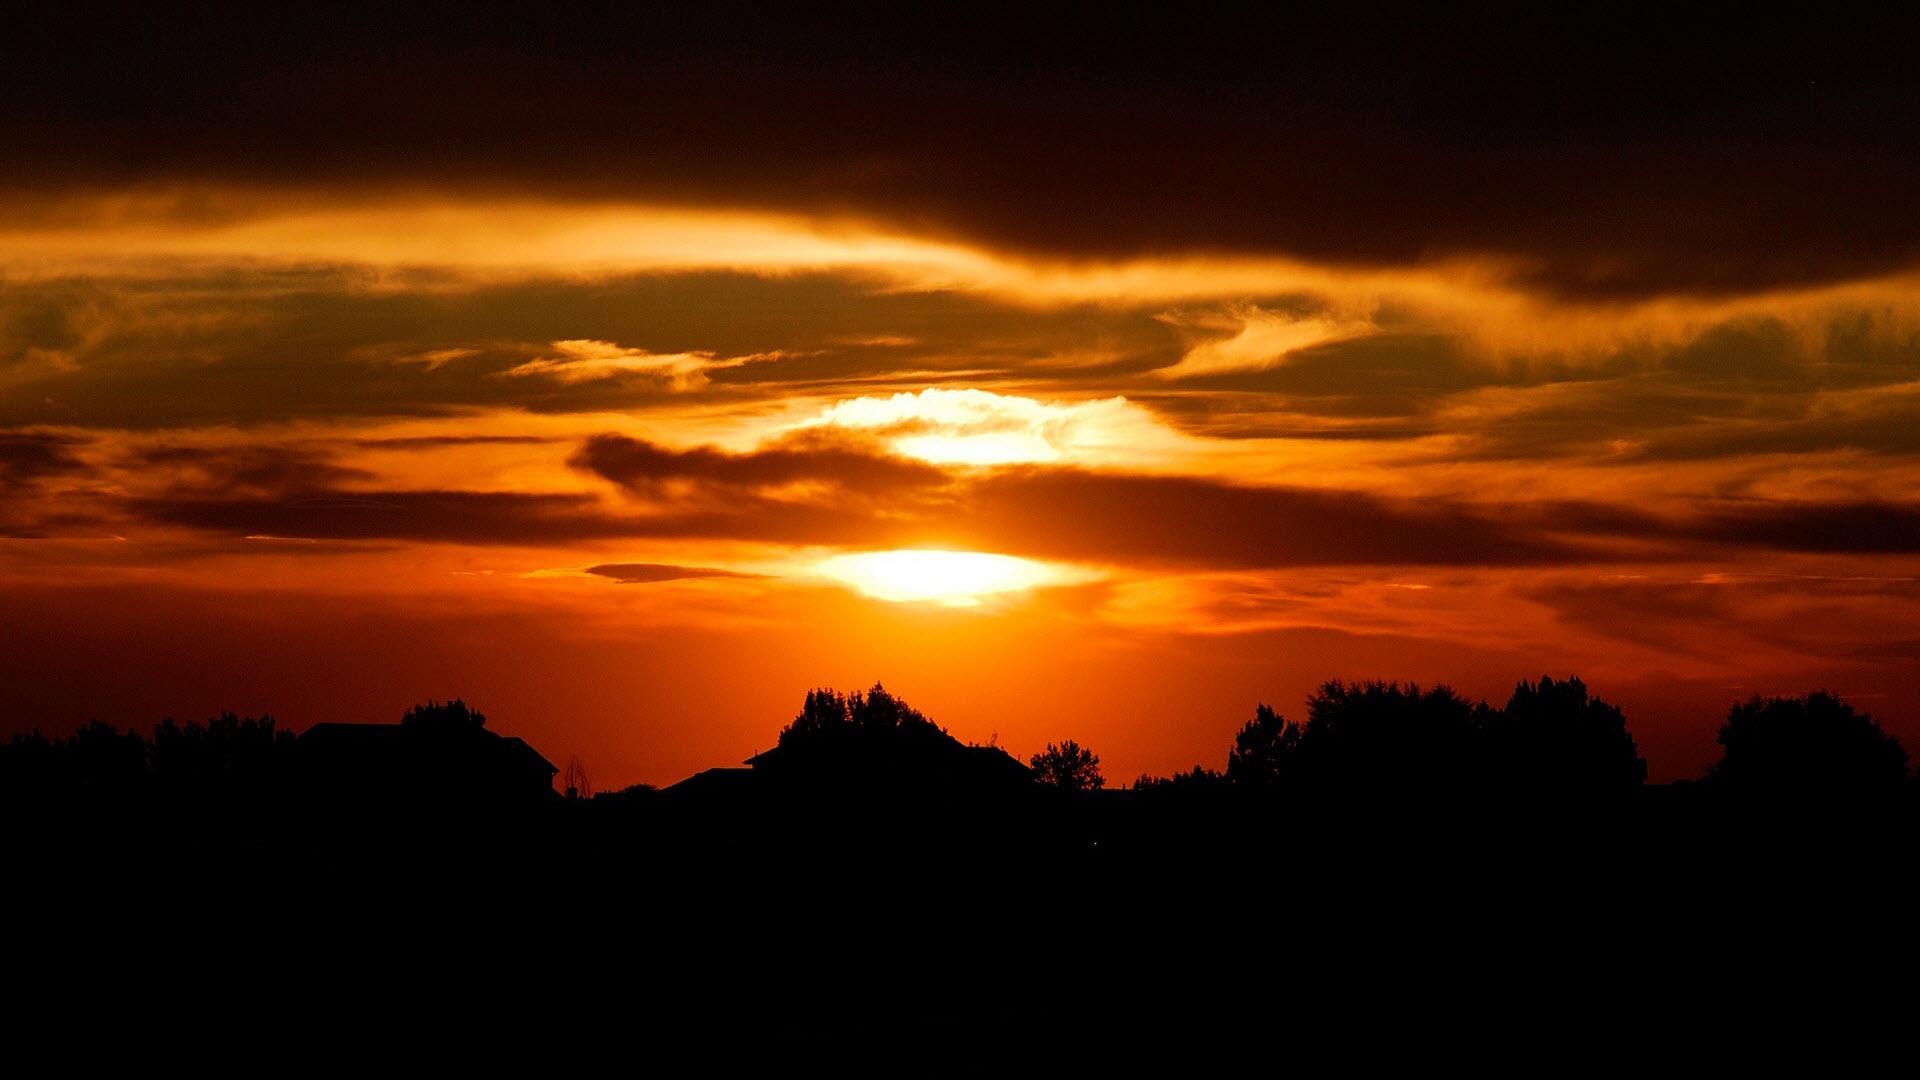 beautiful sunset hd HDjpg 1920x1080